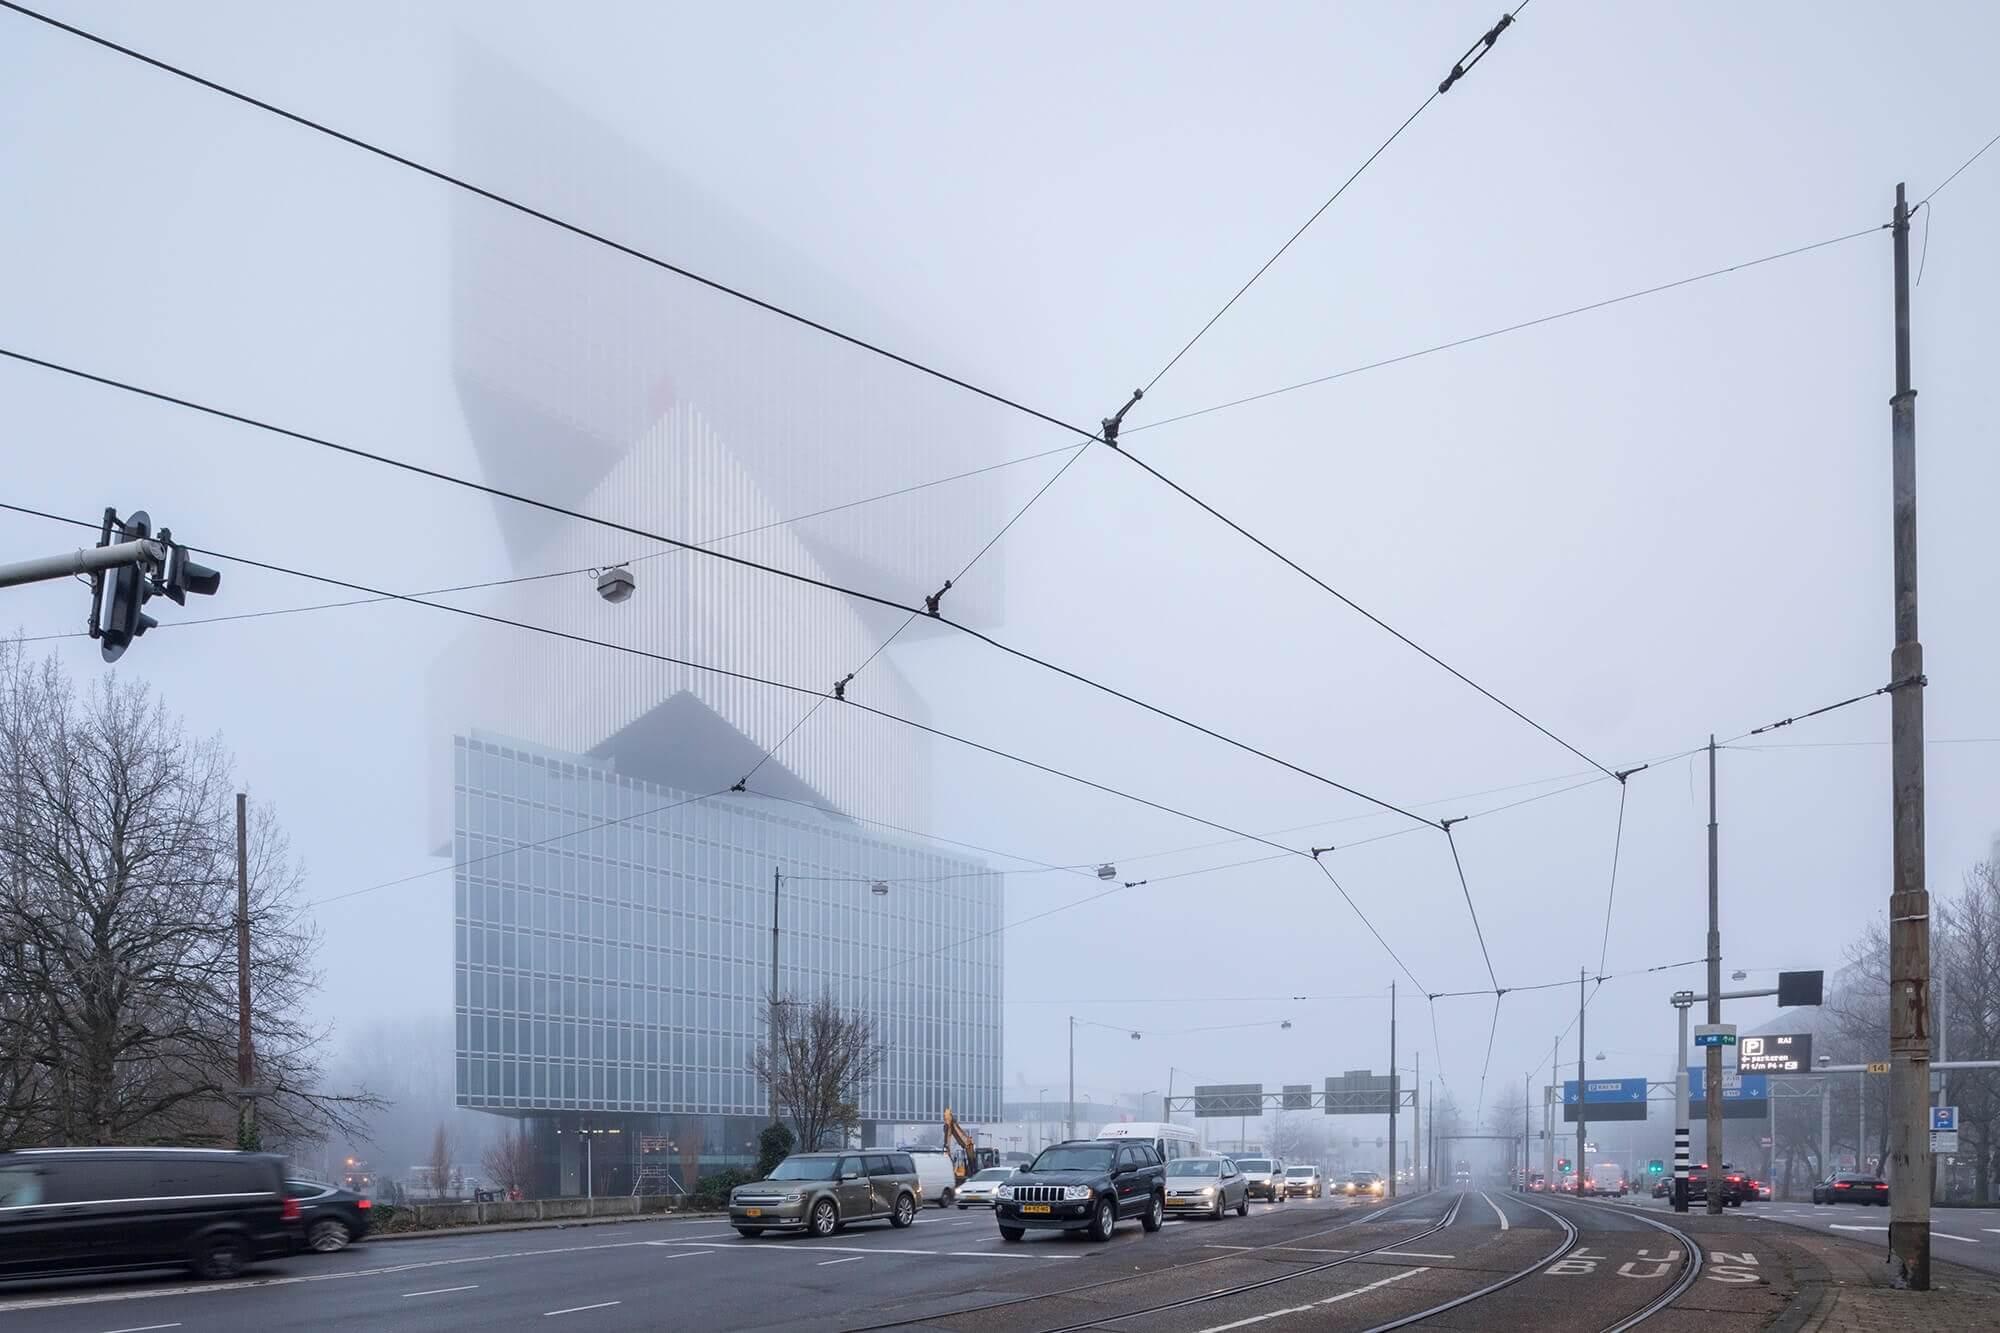 Os melhores projetos de arquitetura contemporânea de Amsterdão já chegaram ao C-guide